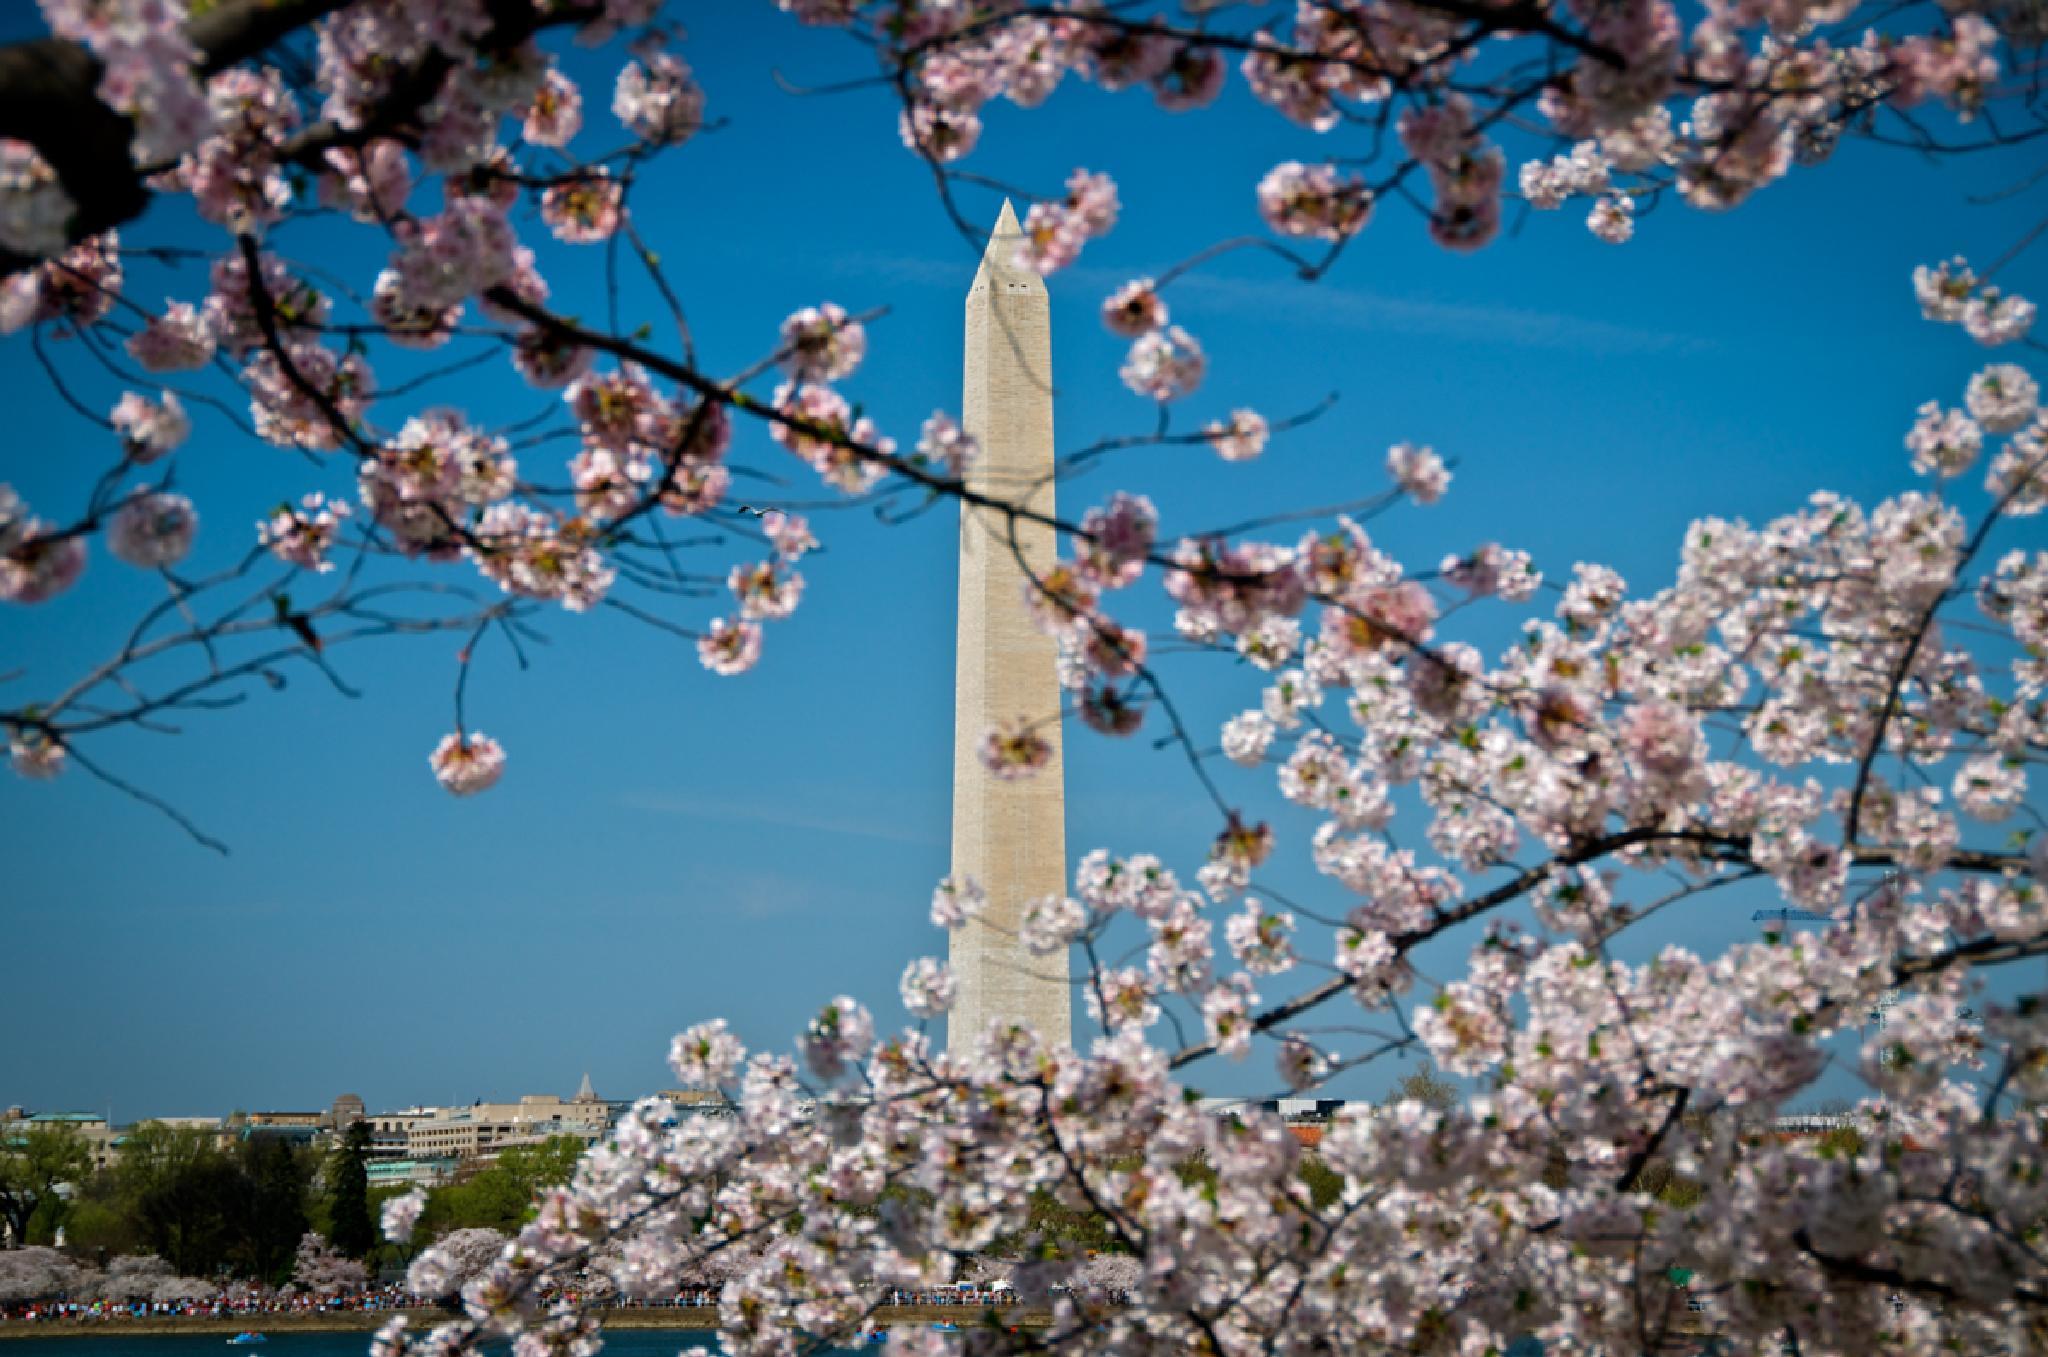 Washington Monument in Washington DC by munacra